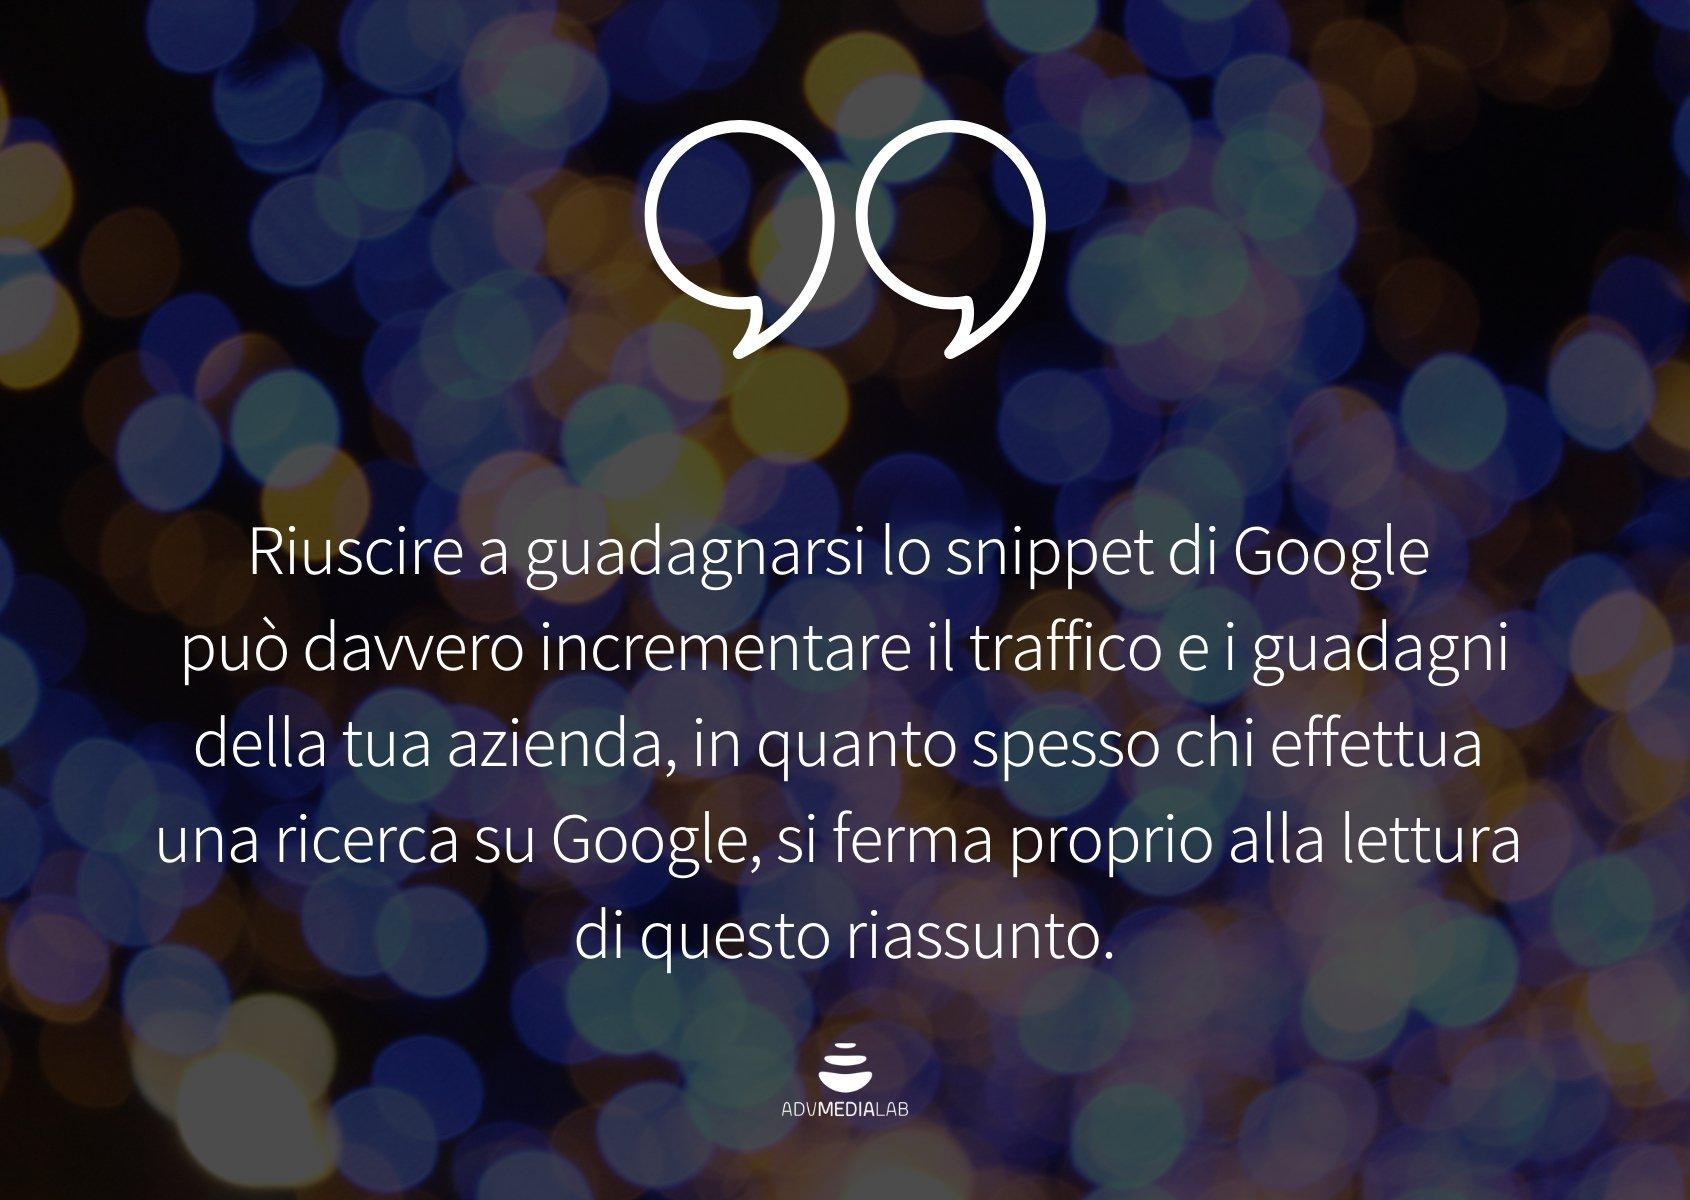 Quote: Riuscire a guadagnarsi lo snippet di Google può davvero incrementare il traffico e i guadagni della tua azienda, in quanto spesso chi effettua una ricerca su Google, si ferma proprio alla lettura di questo riassunto.